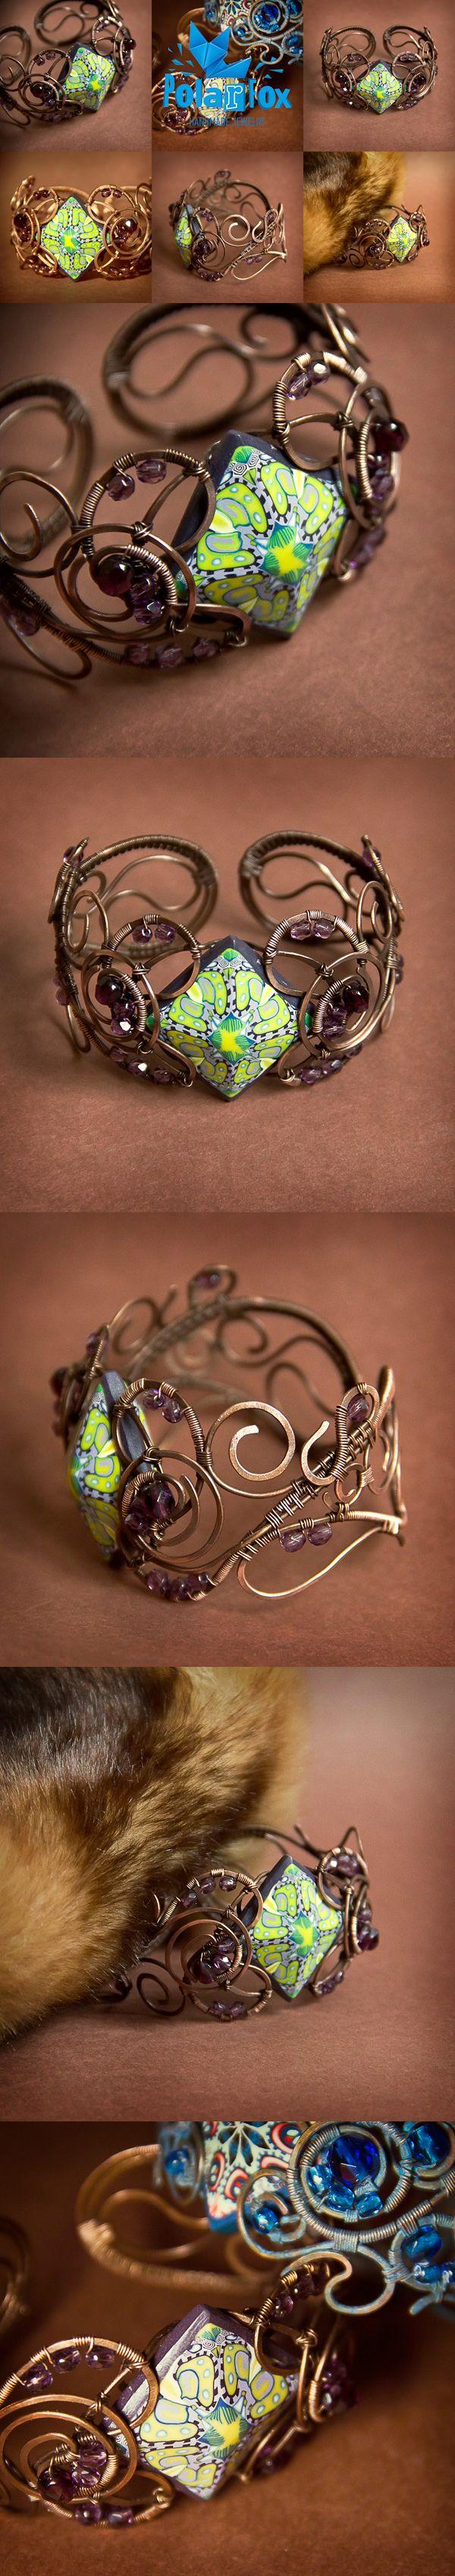 polymerclay, fimo, beads, kaleidoscope, cane, wirewrap, green, bracelet, handmade, jewelry, hobby, polarfoxcraft